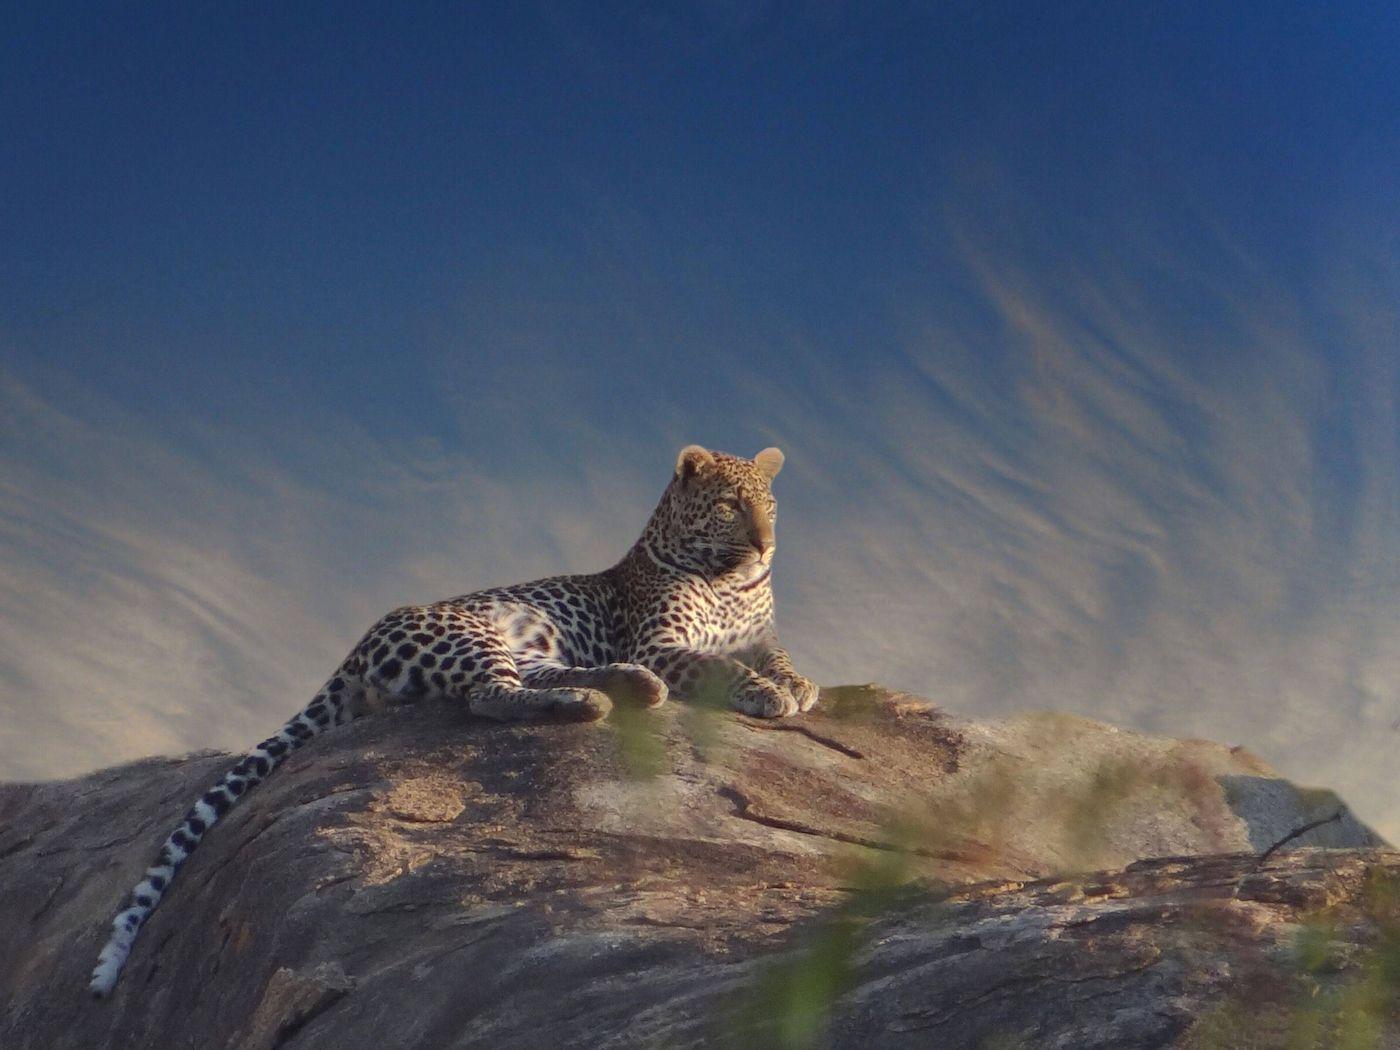 """<p>Se il vostro sogno è fare un safari fotografico alla ricerca dei Big Five (leoni, leopardi, rinoceronti, elefanti e bufali), i cinque grandi animali della savana, la meta che fa per voi è il Kruger National Park, la più grande riserva naturale del <strong>Sudafrica</strong> (<em><a href=""""http://country.southafrica.net"""">http://country.southafrica.net</a></em>), estesa su un'area di circa 20.000 km². Il viaggio prosegue verso Mpumalanga, il """"luogo dove sorge il Sole"""", una provincia ricca di flora e fauna protette in riserve naturali. Dopo una tappa a Johannesburg sulle orme di Nelson Mandela, la meta successiva è la bellissima Cape Town, punto di partenza per escursioni al Capo di Buona Speranza, alla spiaggia di Boulders Beach, che ospita una colonia di pinguini africani, e ai giardini botanici di Kirstenbosch. Con African Explorer quote a partire da 3.590 euro in camera doppia, compresa l'estensione balneare alle isole Seychelles (soggiorno al Paradise Sun dell'isola di Praslin). </p>"""